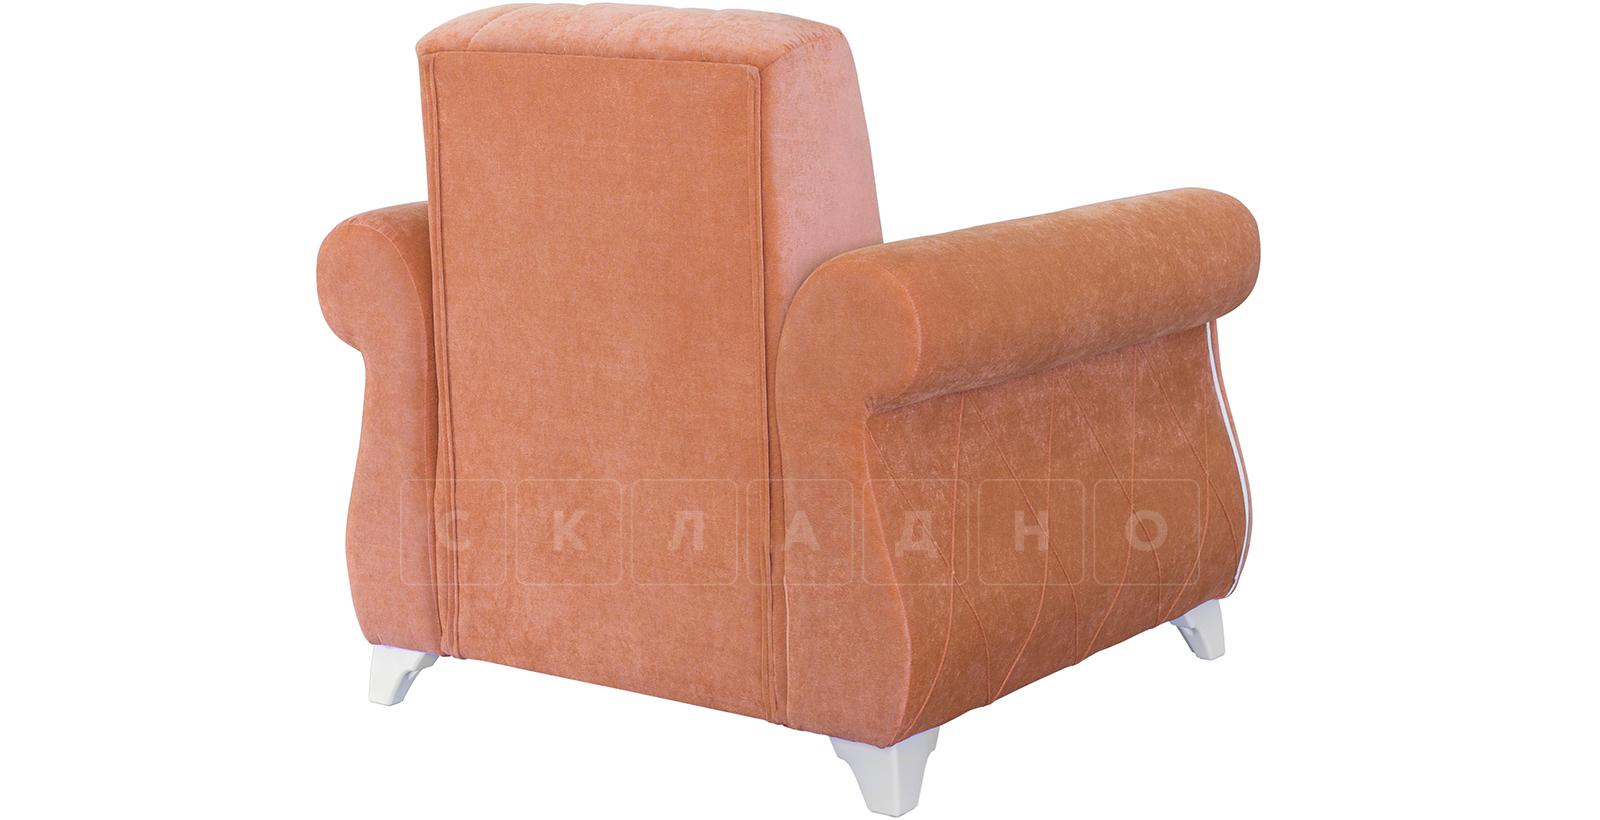 Кресло для отдыха Роза лососевый фото 3   интернет-магазин Складно